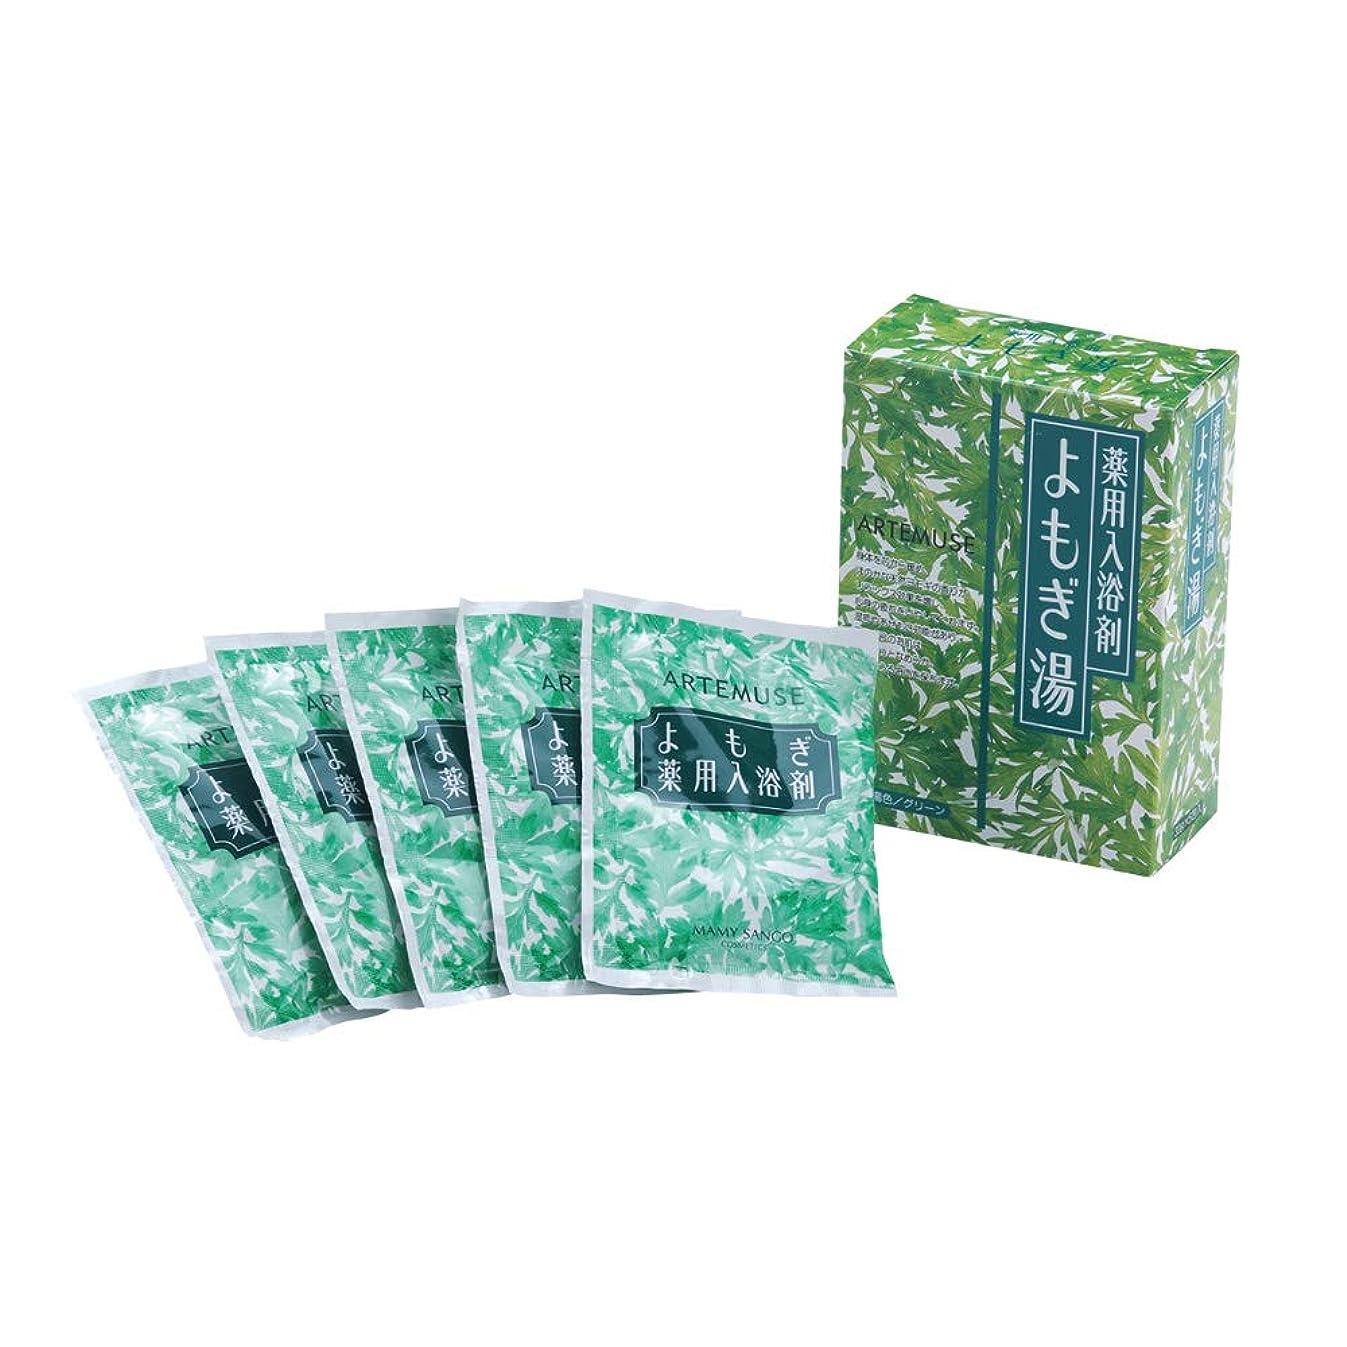 ほのか神の交換マミーサンゴ よもぎ入浴剤 薬用バスソルトA [分包タイプ] 30g×5包入 (1箱)